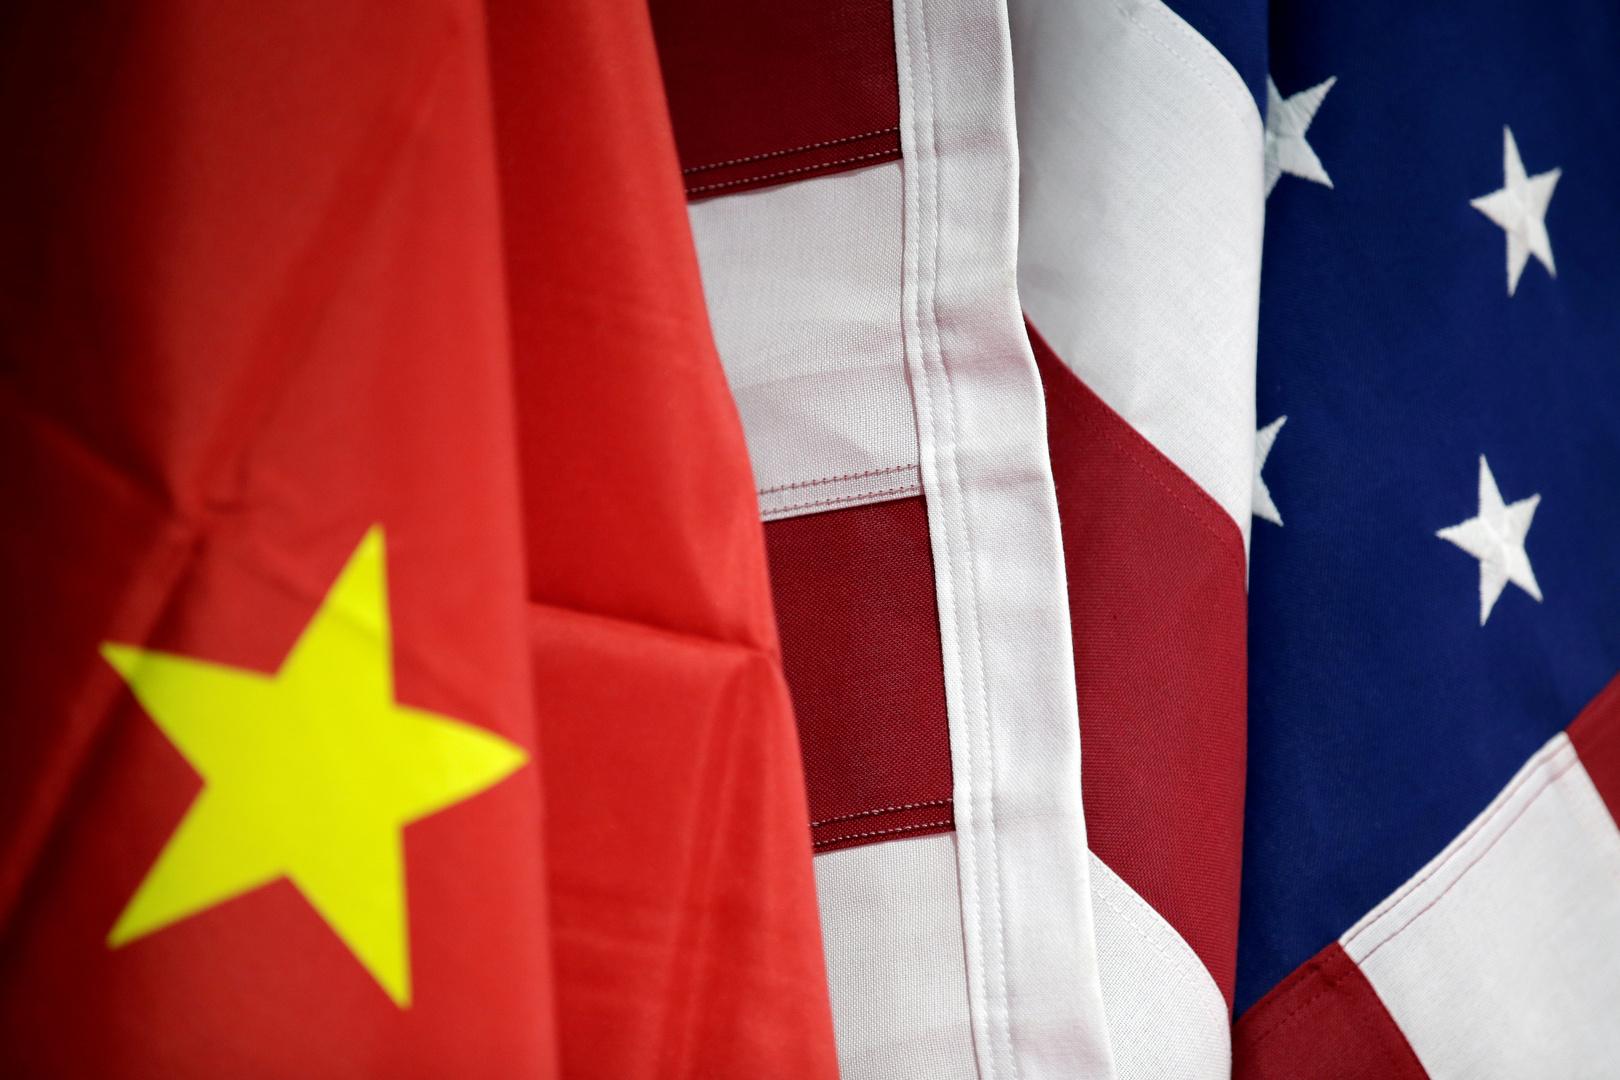 ردا بالمثل.. الصين تفرض قيودا إضافية على الدبلوماسيين الأمريكيين